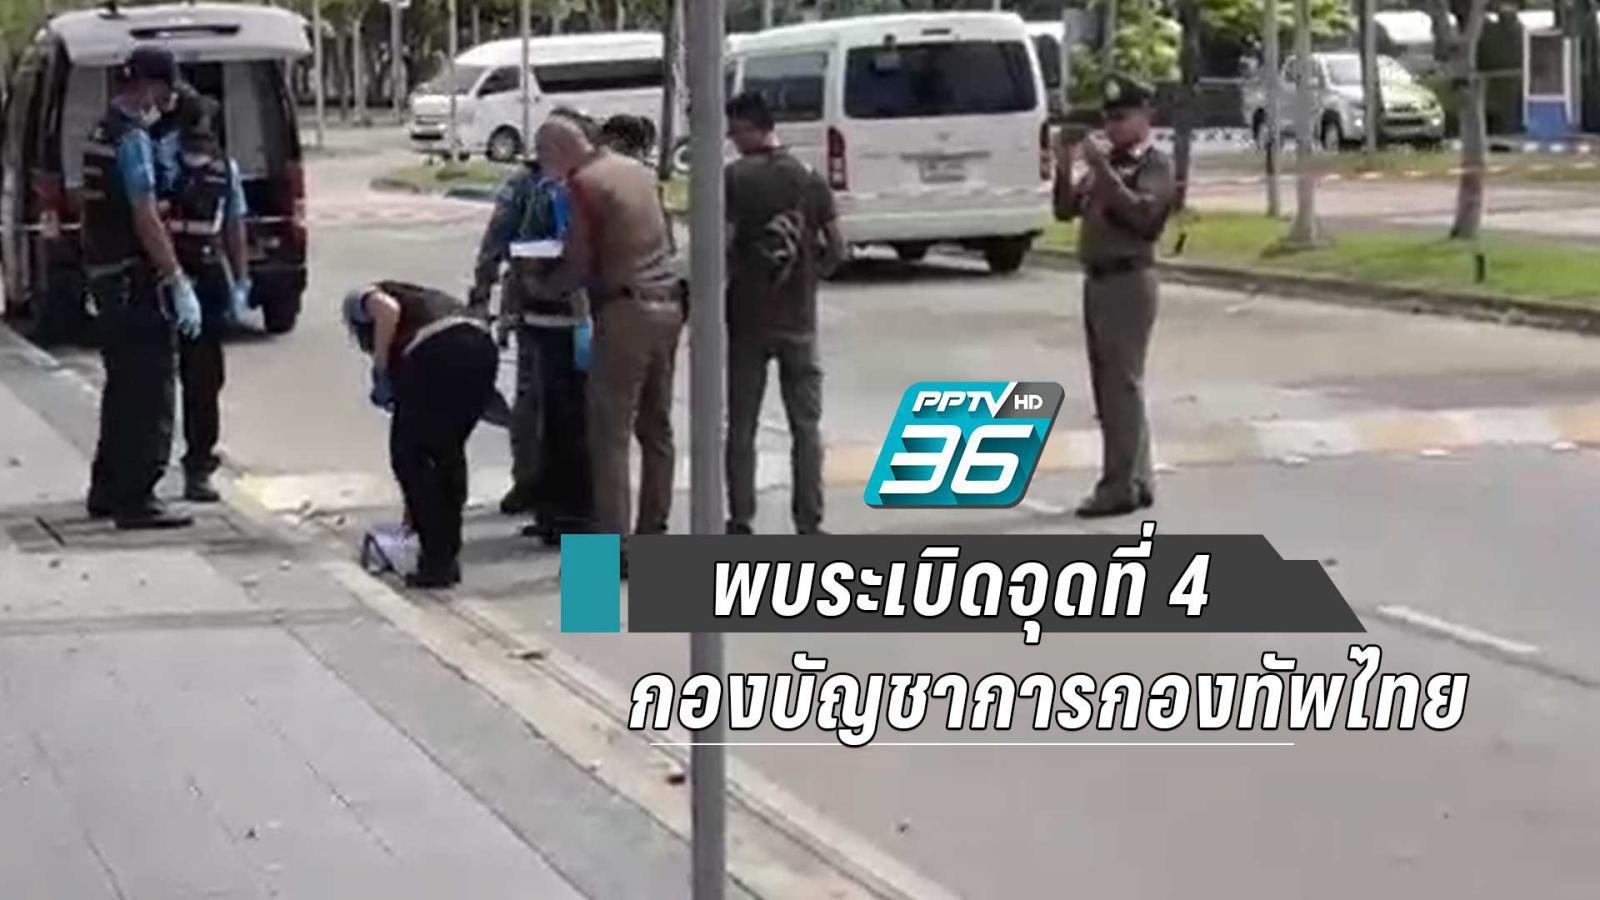 พบระเบิดจุดที่ 4 กองบัญชาการกองทัพไทย